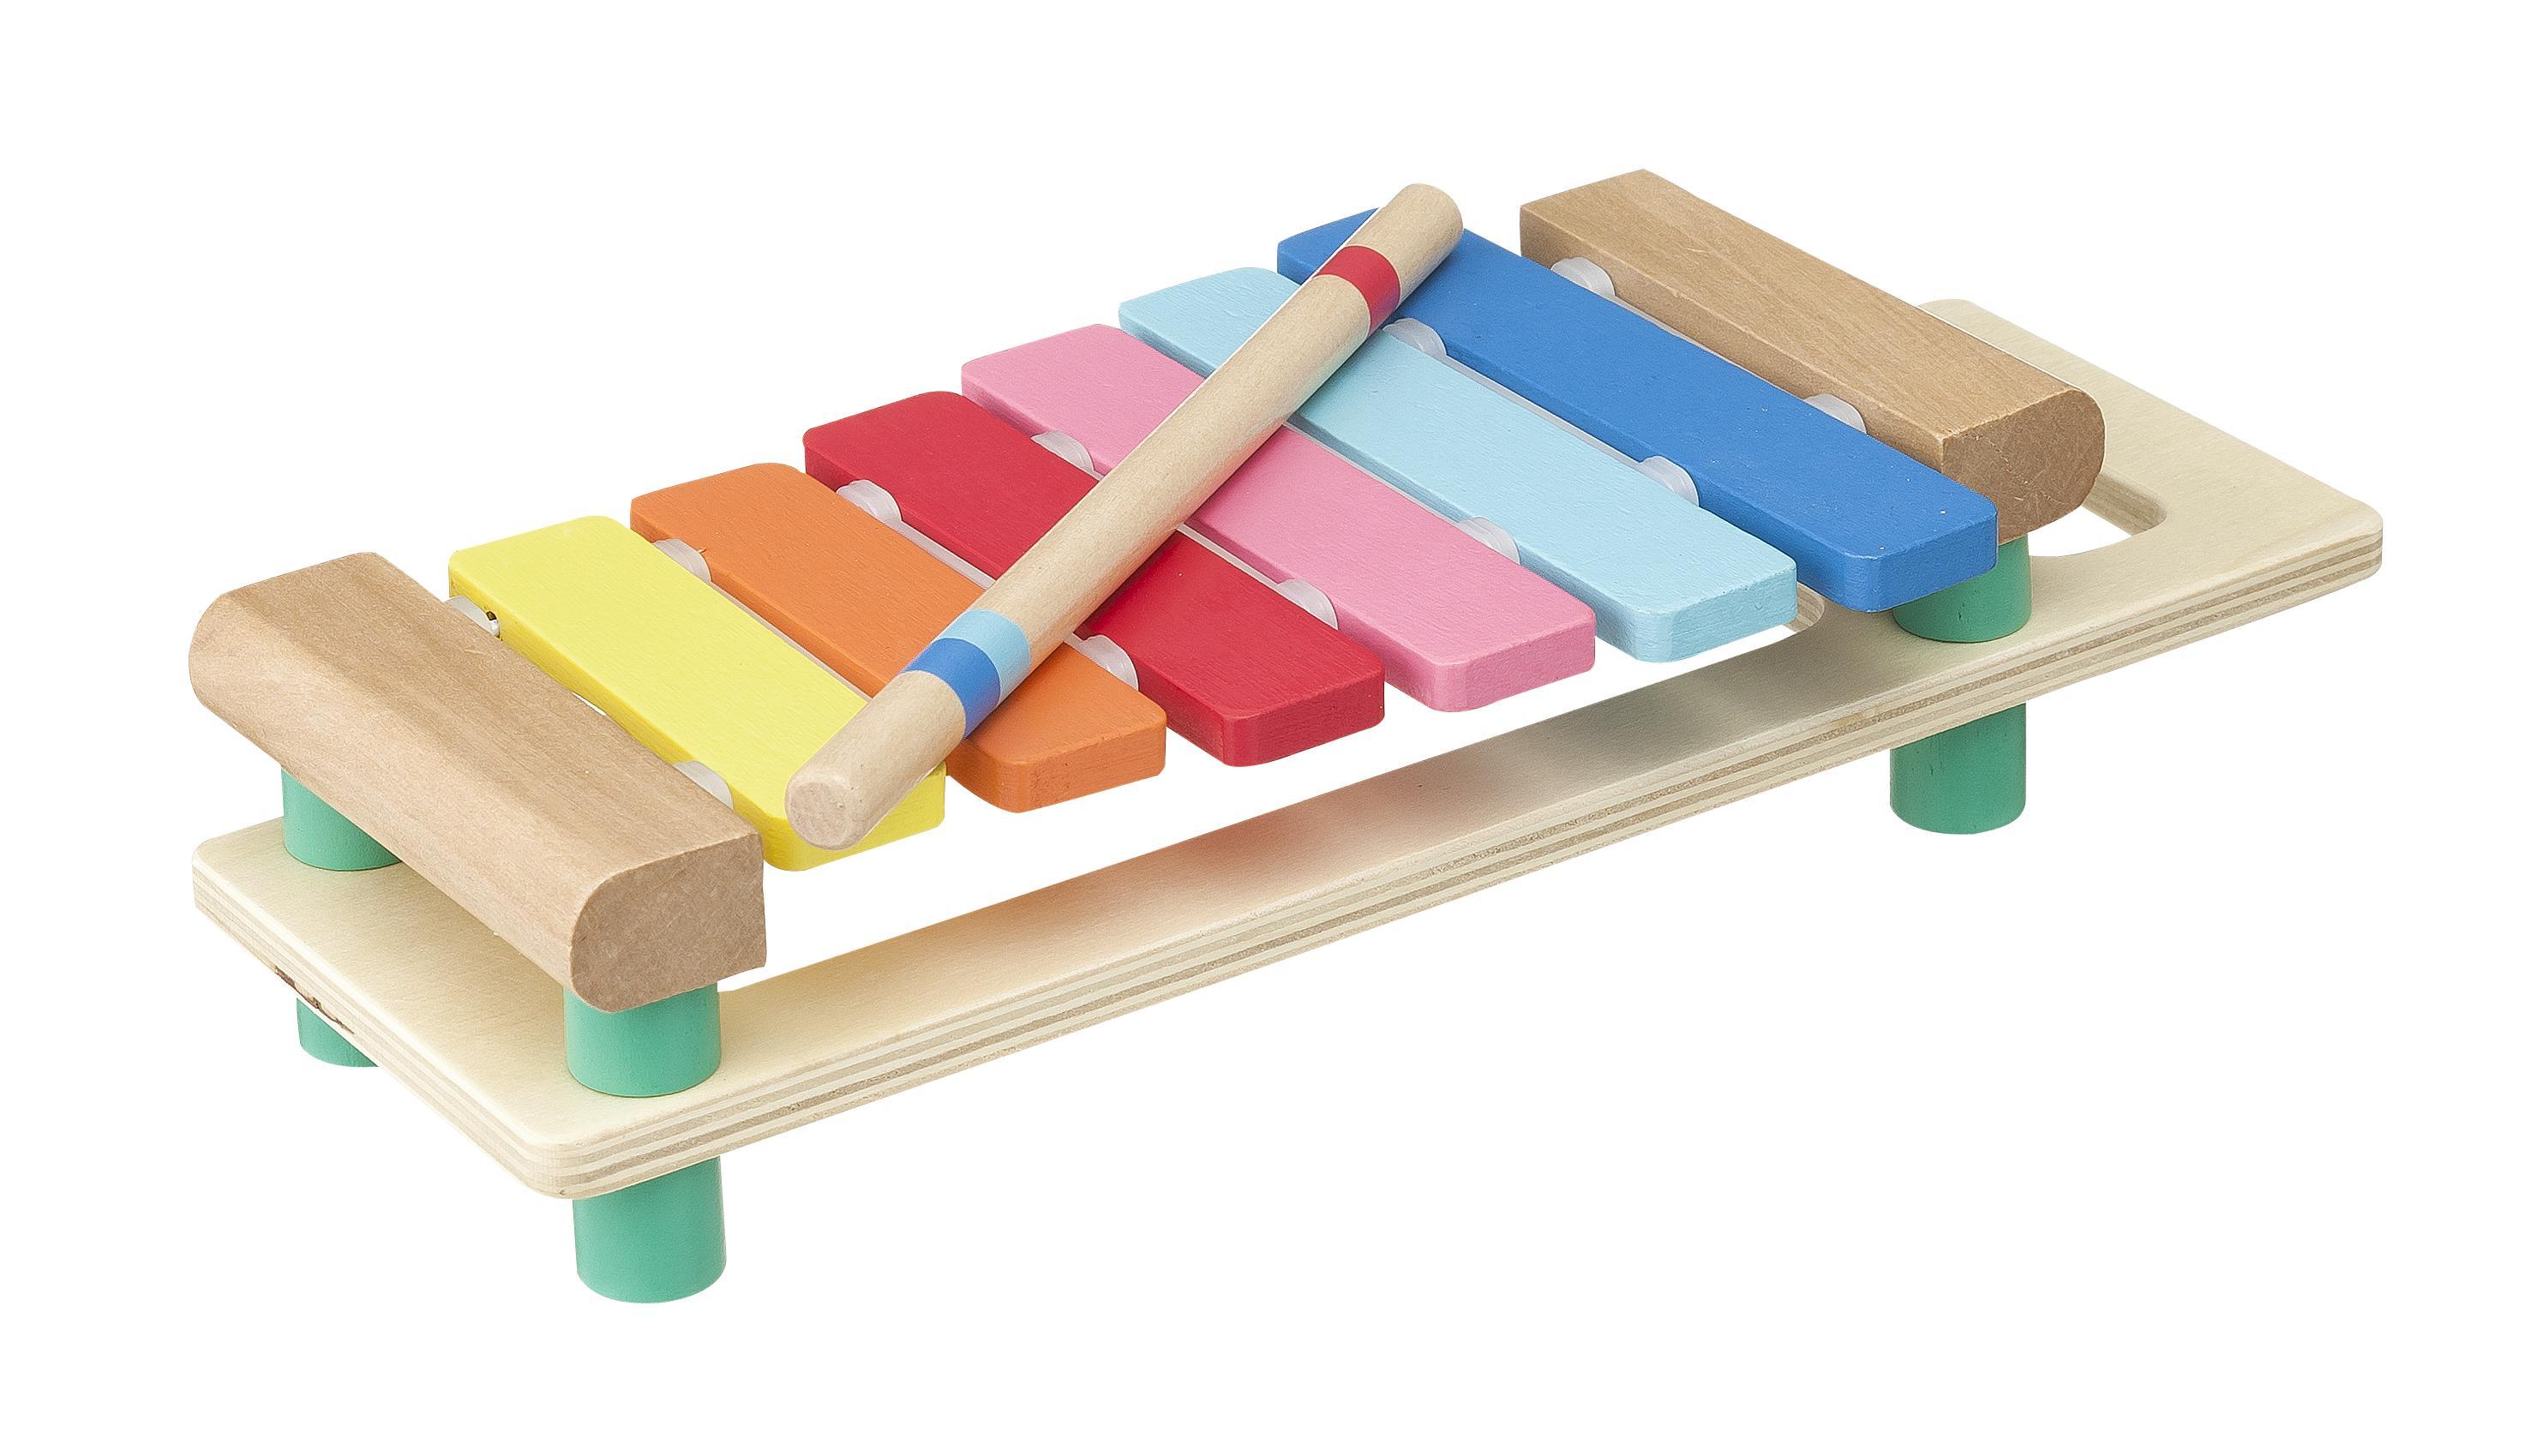 Nieuw houten speelgoed bij hema moeders nu